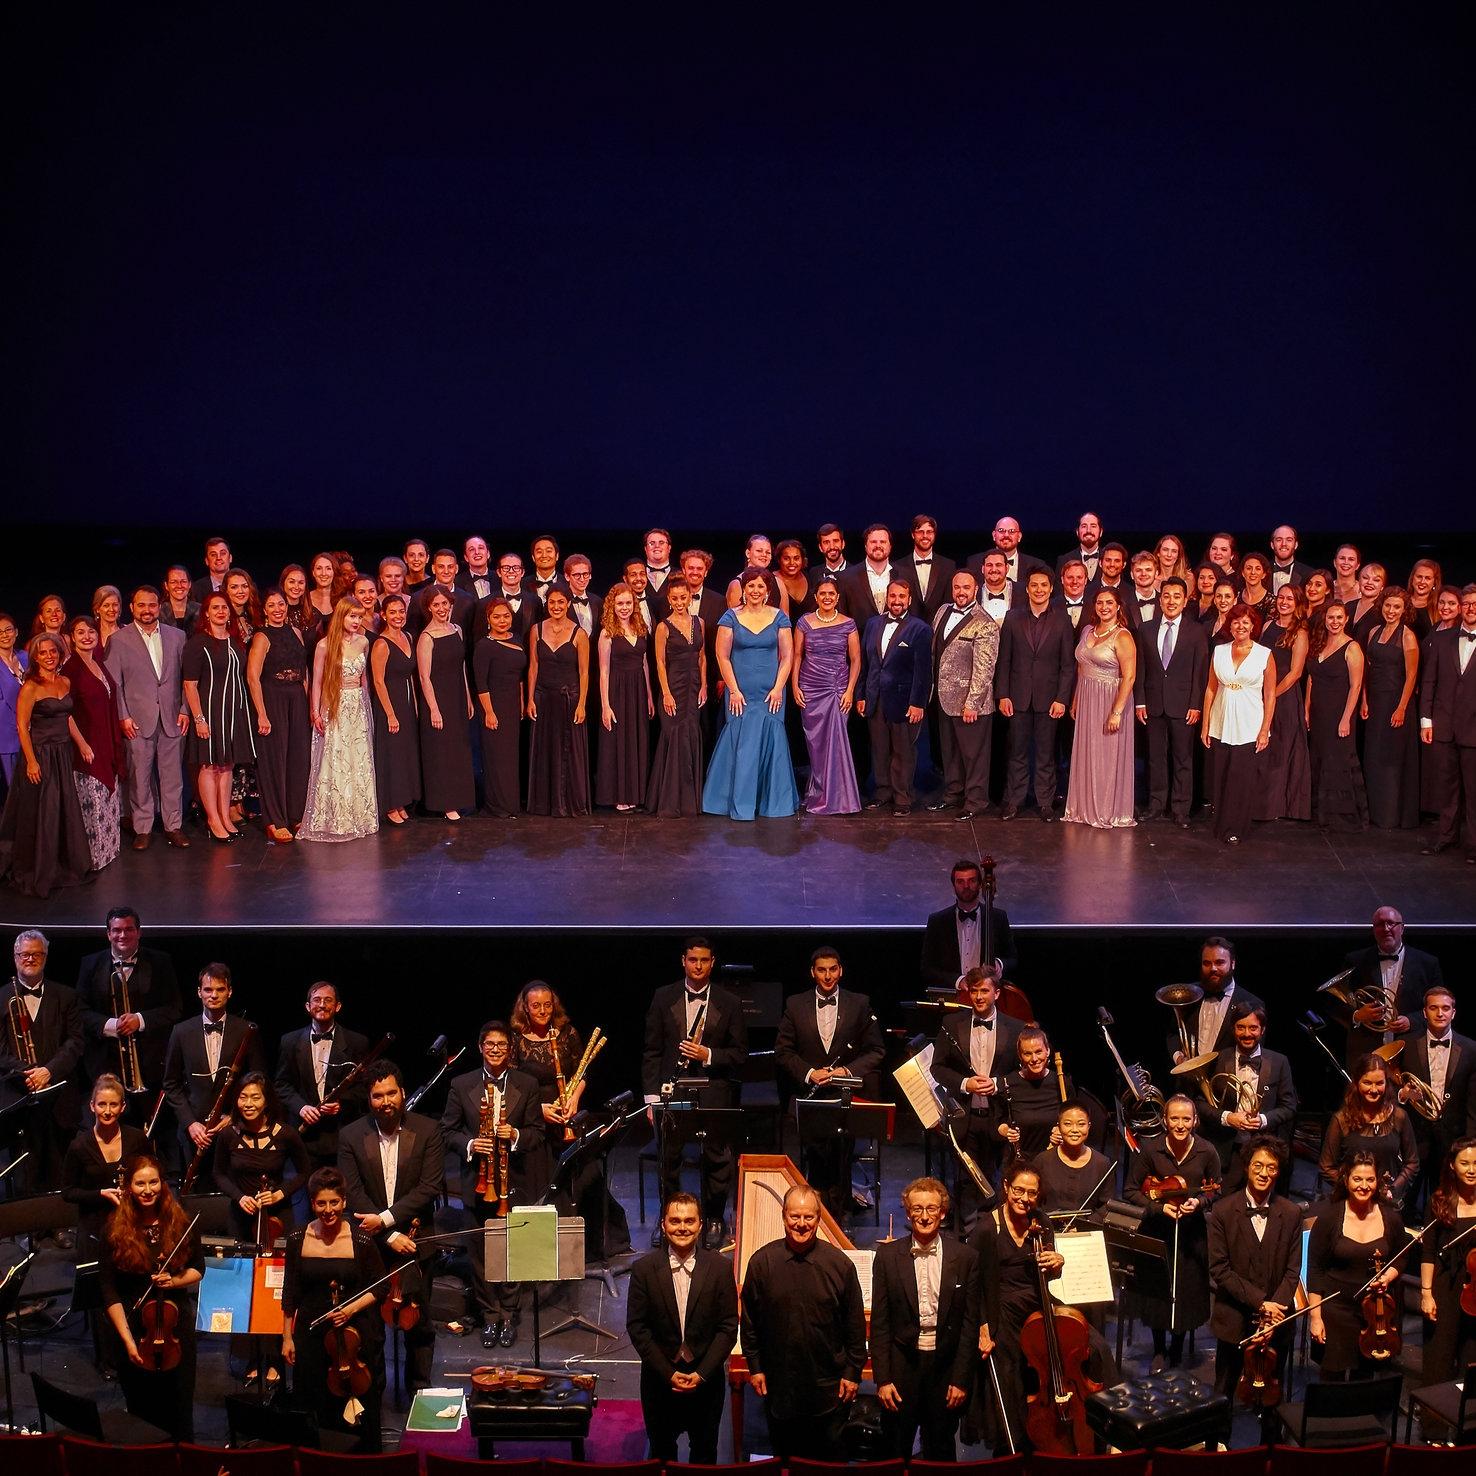 Voce di Meche: Cantami d'Amore - August 1, 2018